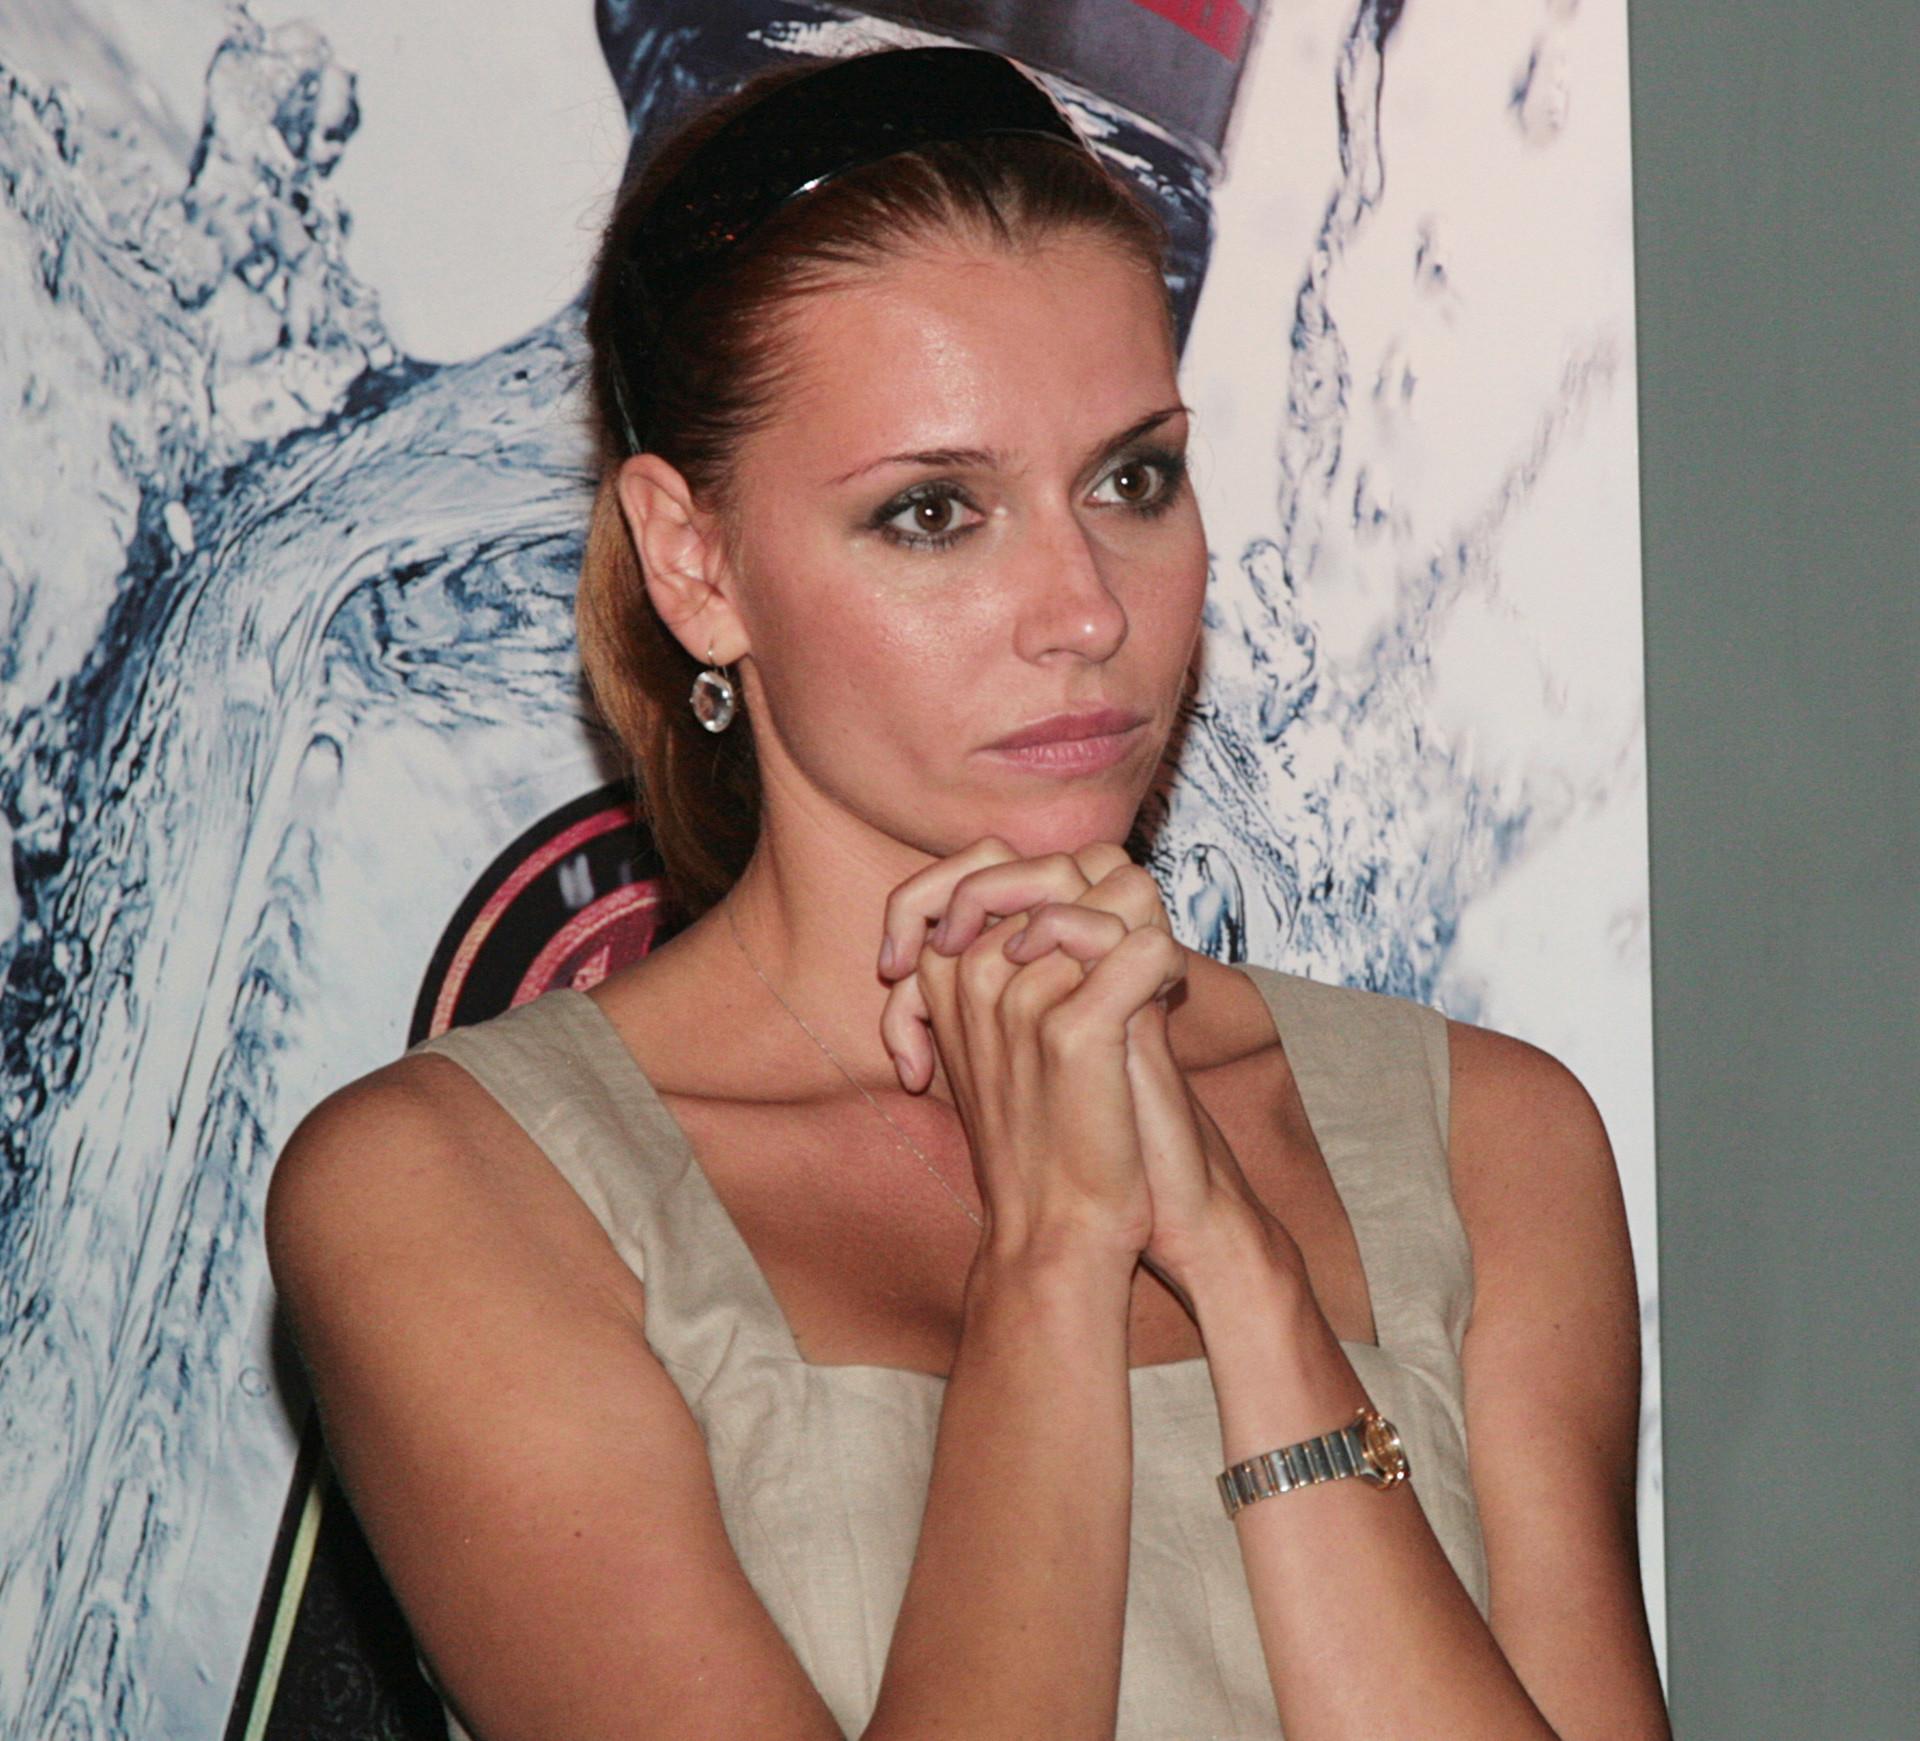 A atriz Liubov Tolkalina, que defende e romantiza o assédio.